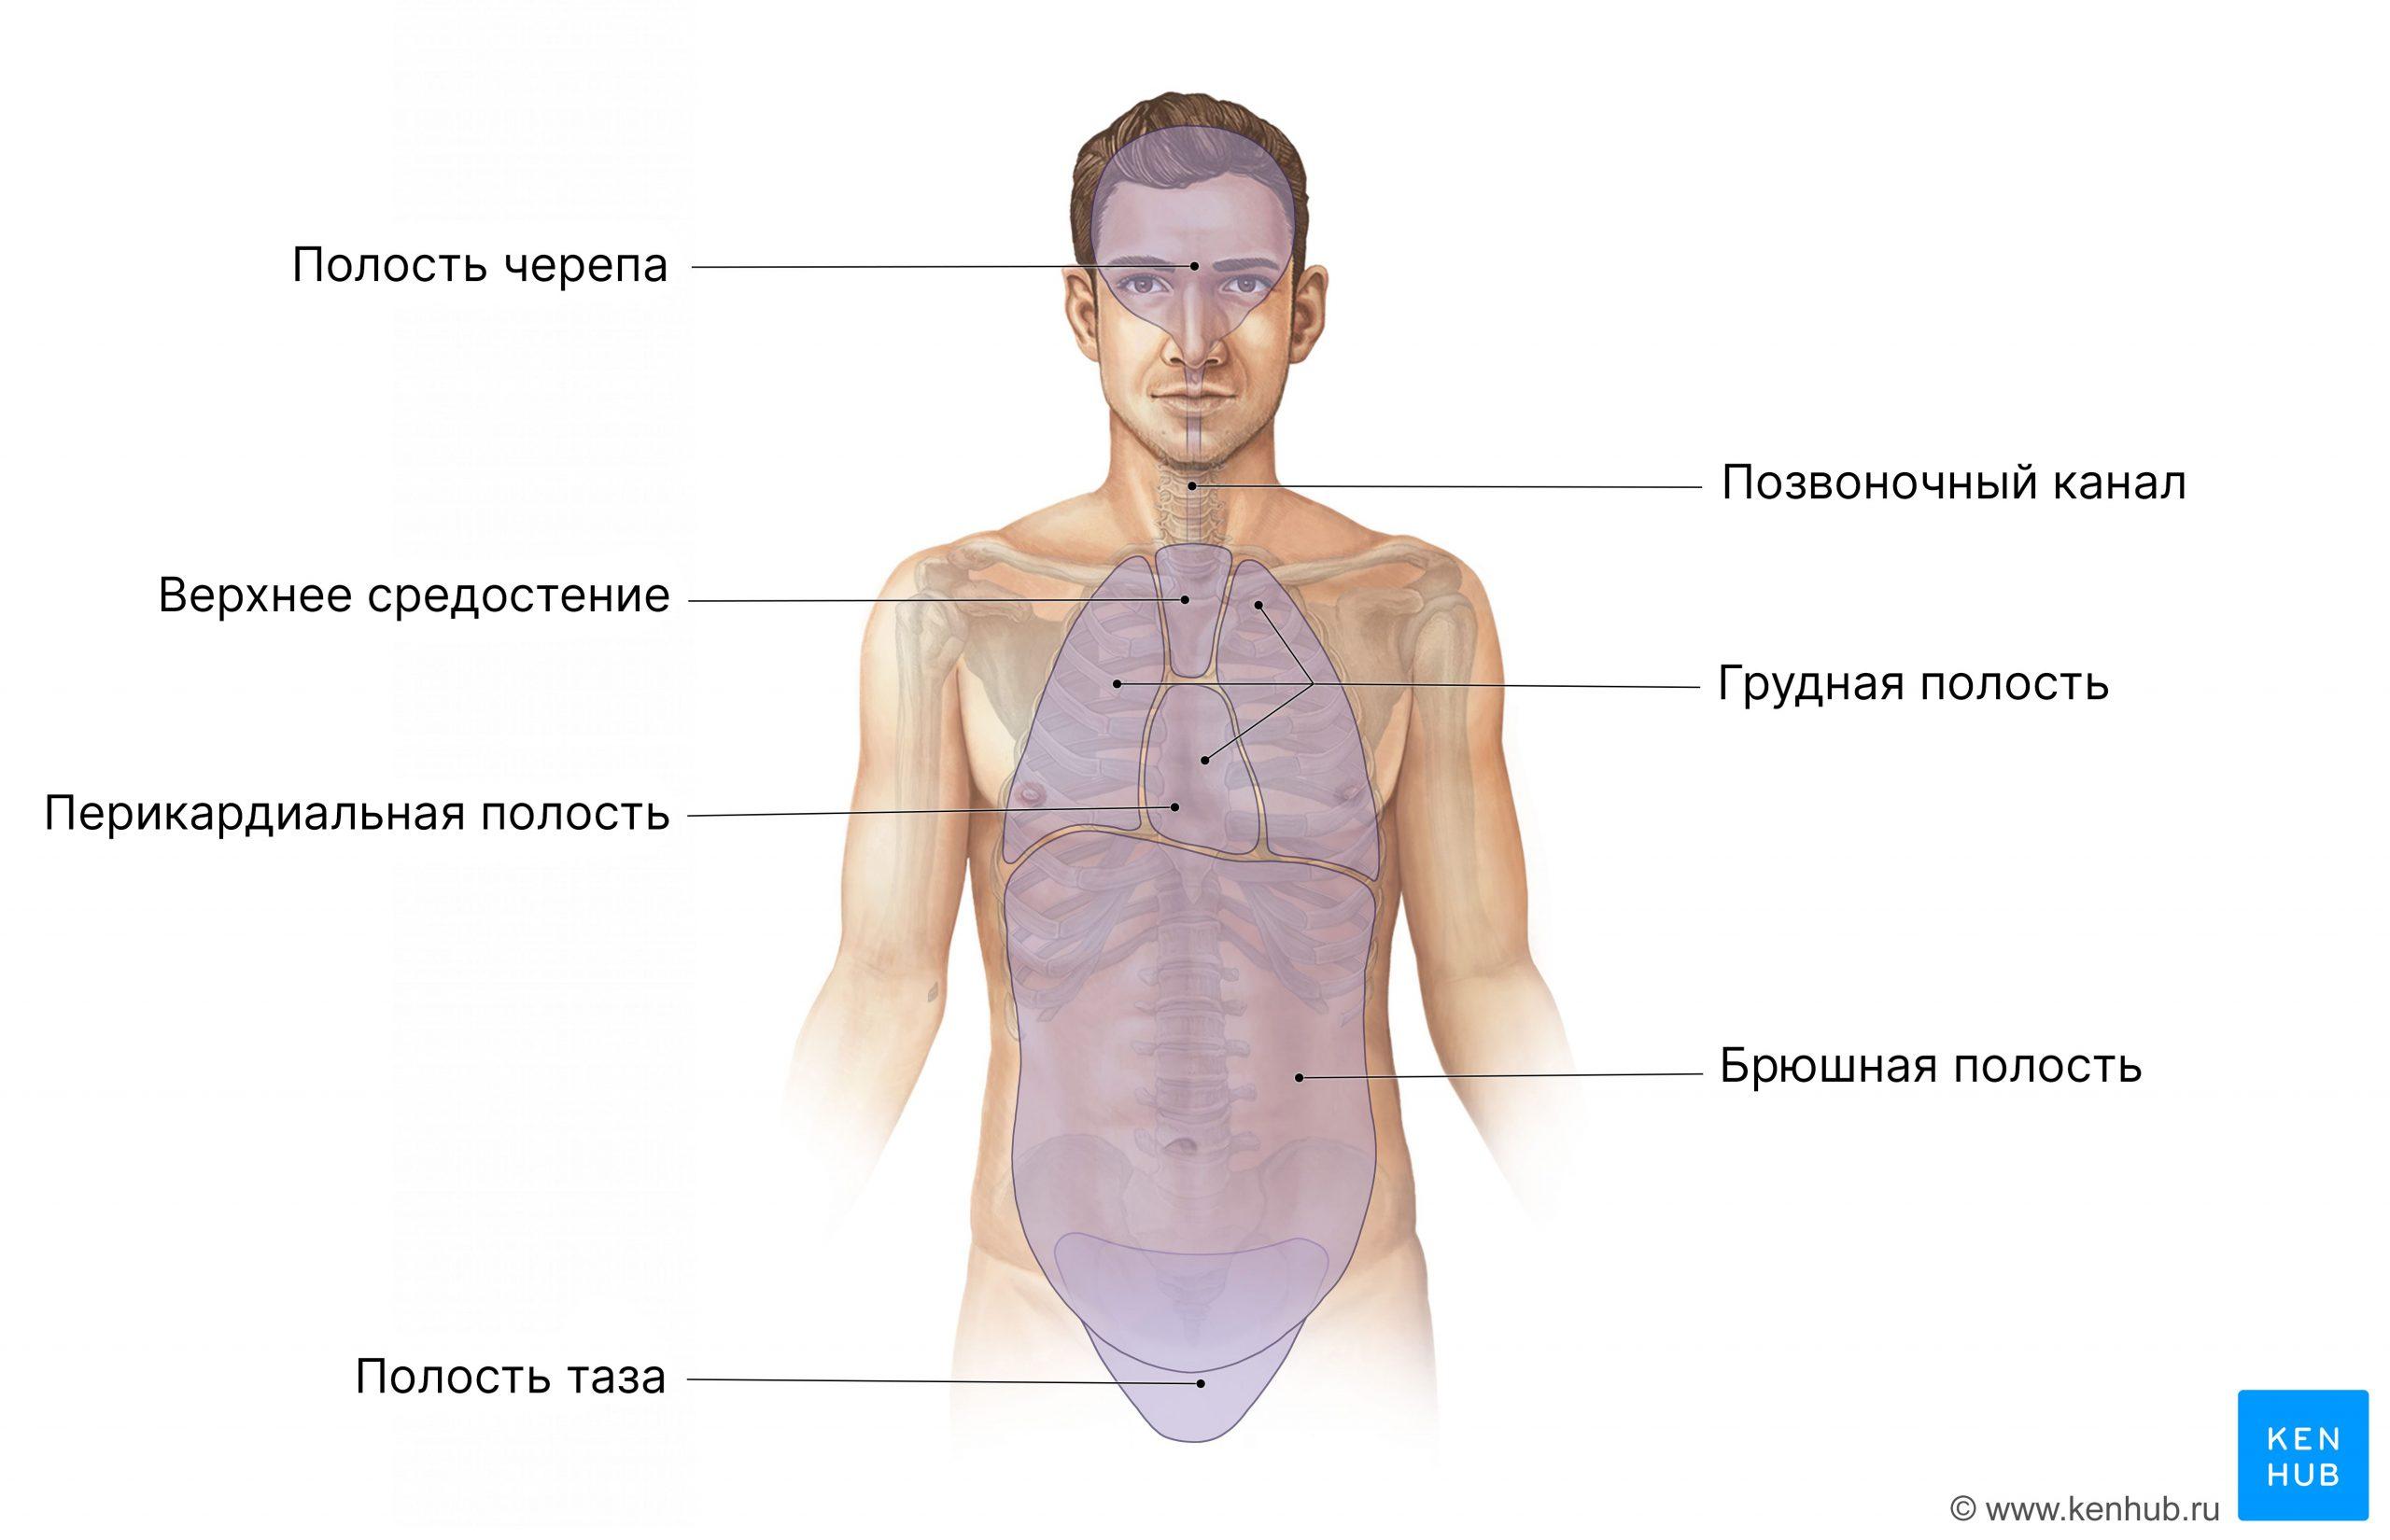 Полости человеческого тела (вид спереди)